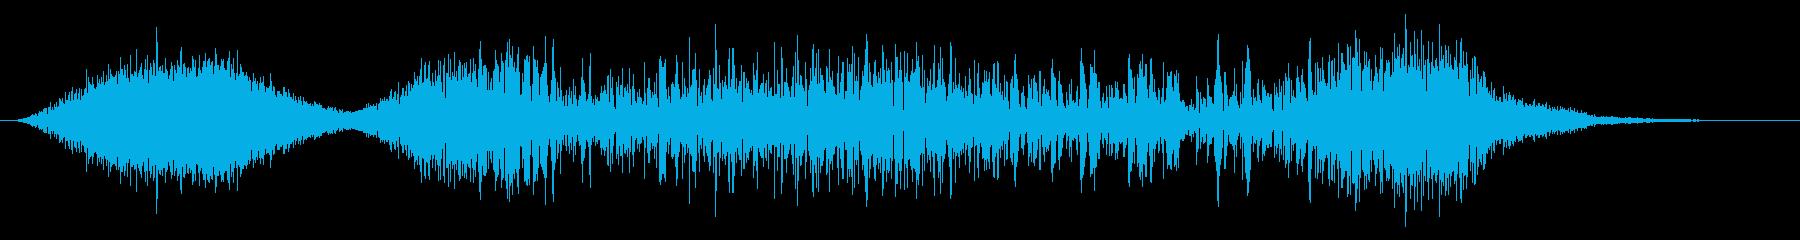 ゴー!火球・火炎系魔法#5発動音付きの再生済みの波形